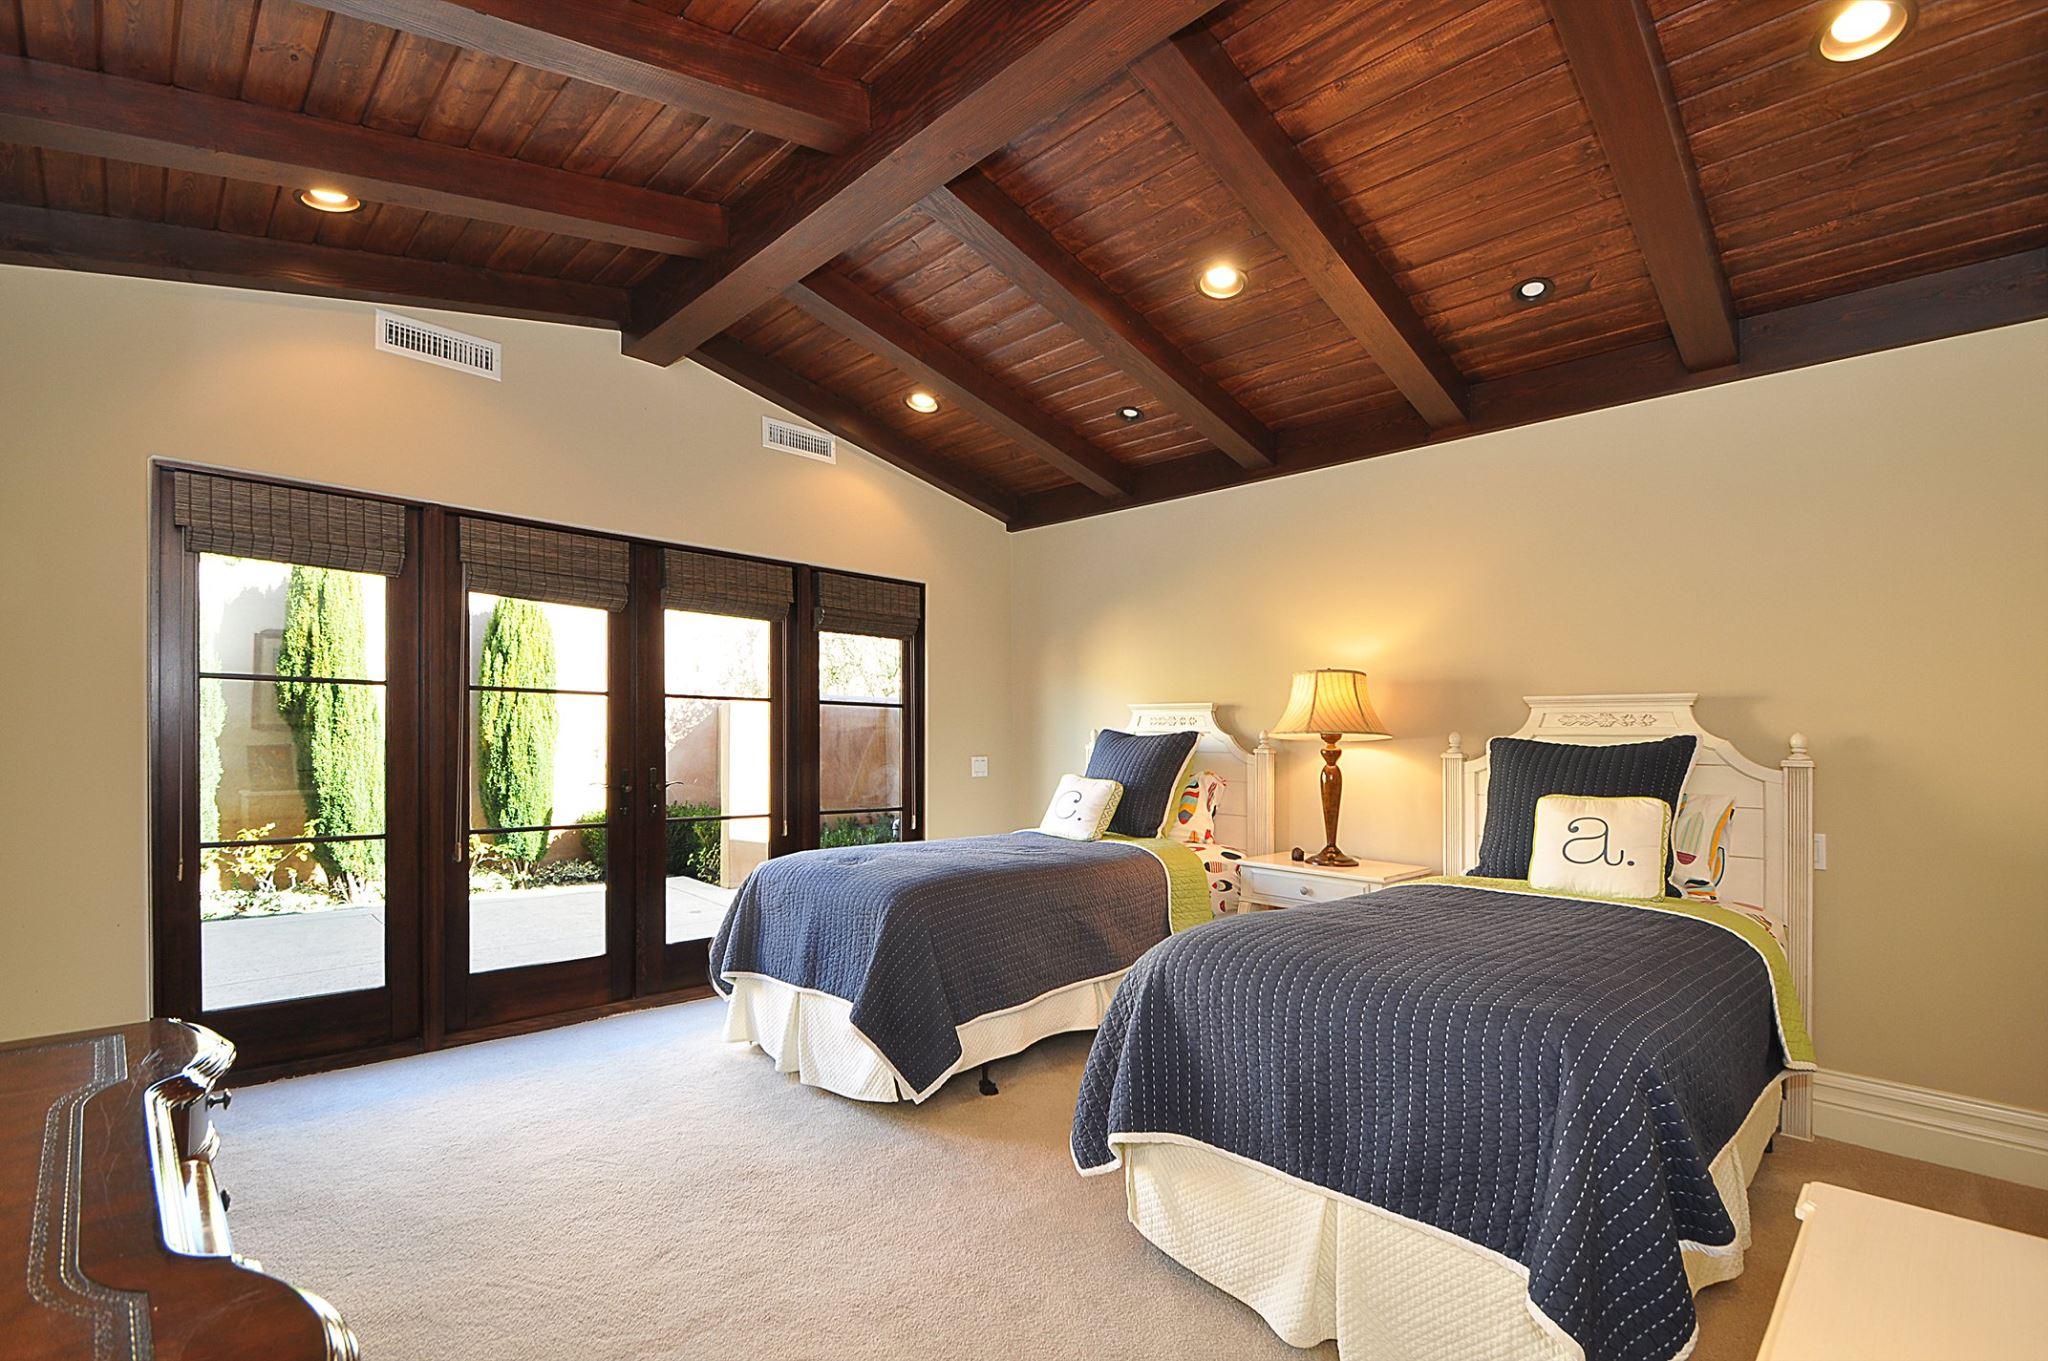 ViaArco_Twin Bedroom.jpg